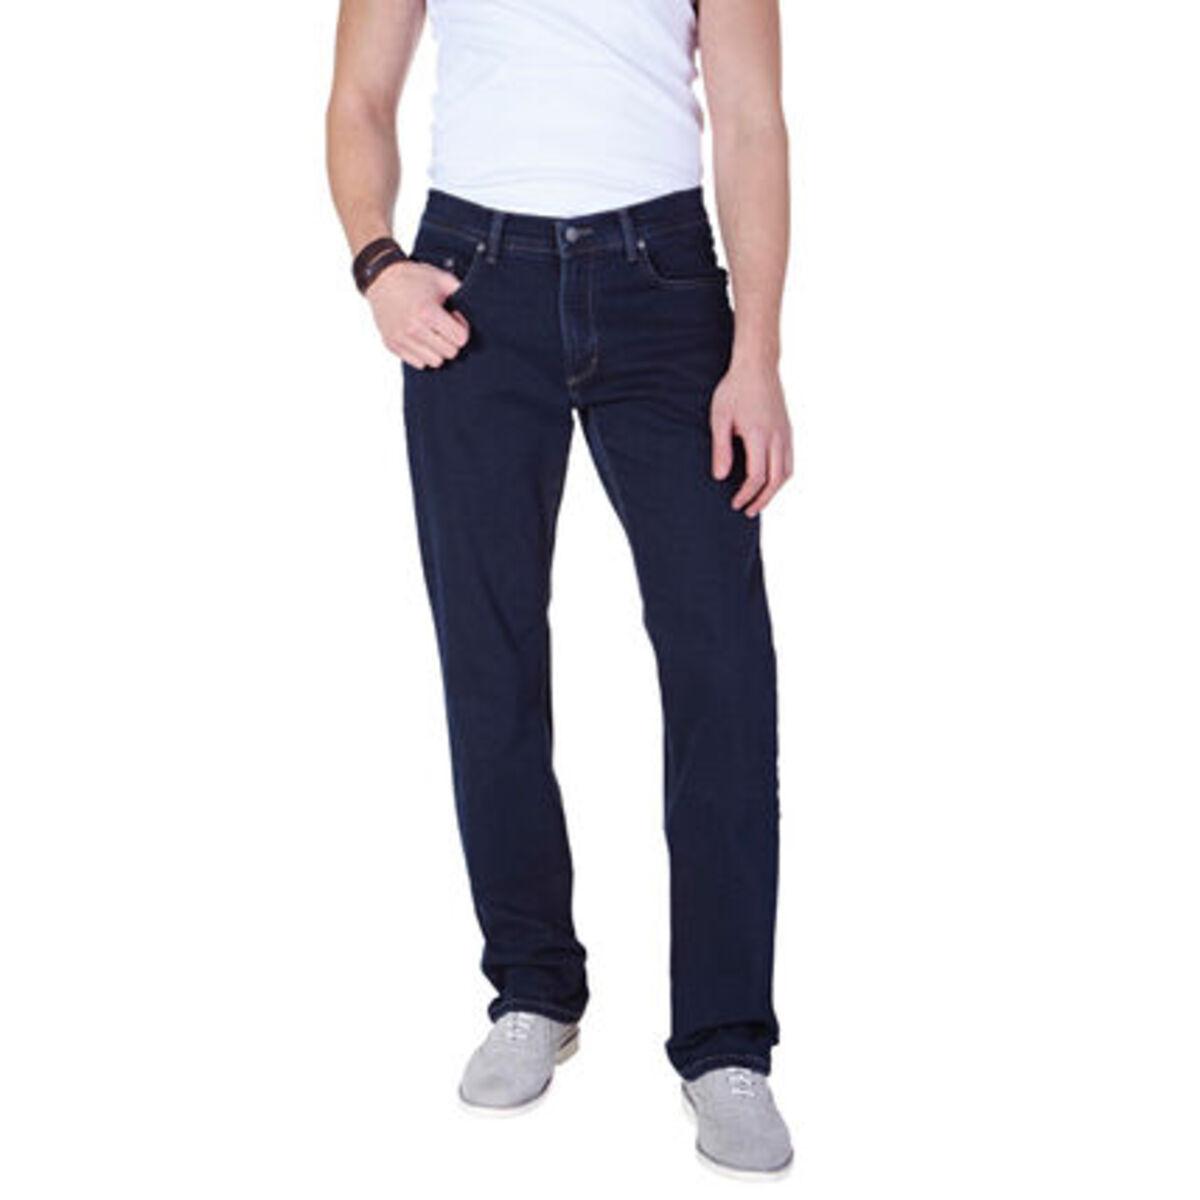 Bild 3 von Pioneer 5-Pocket-Jeans, Regular Fit, für Herren